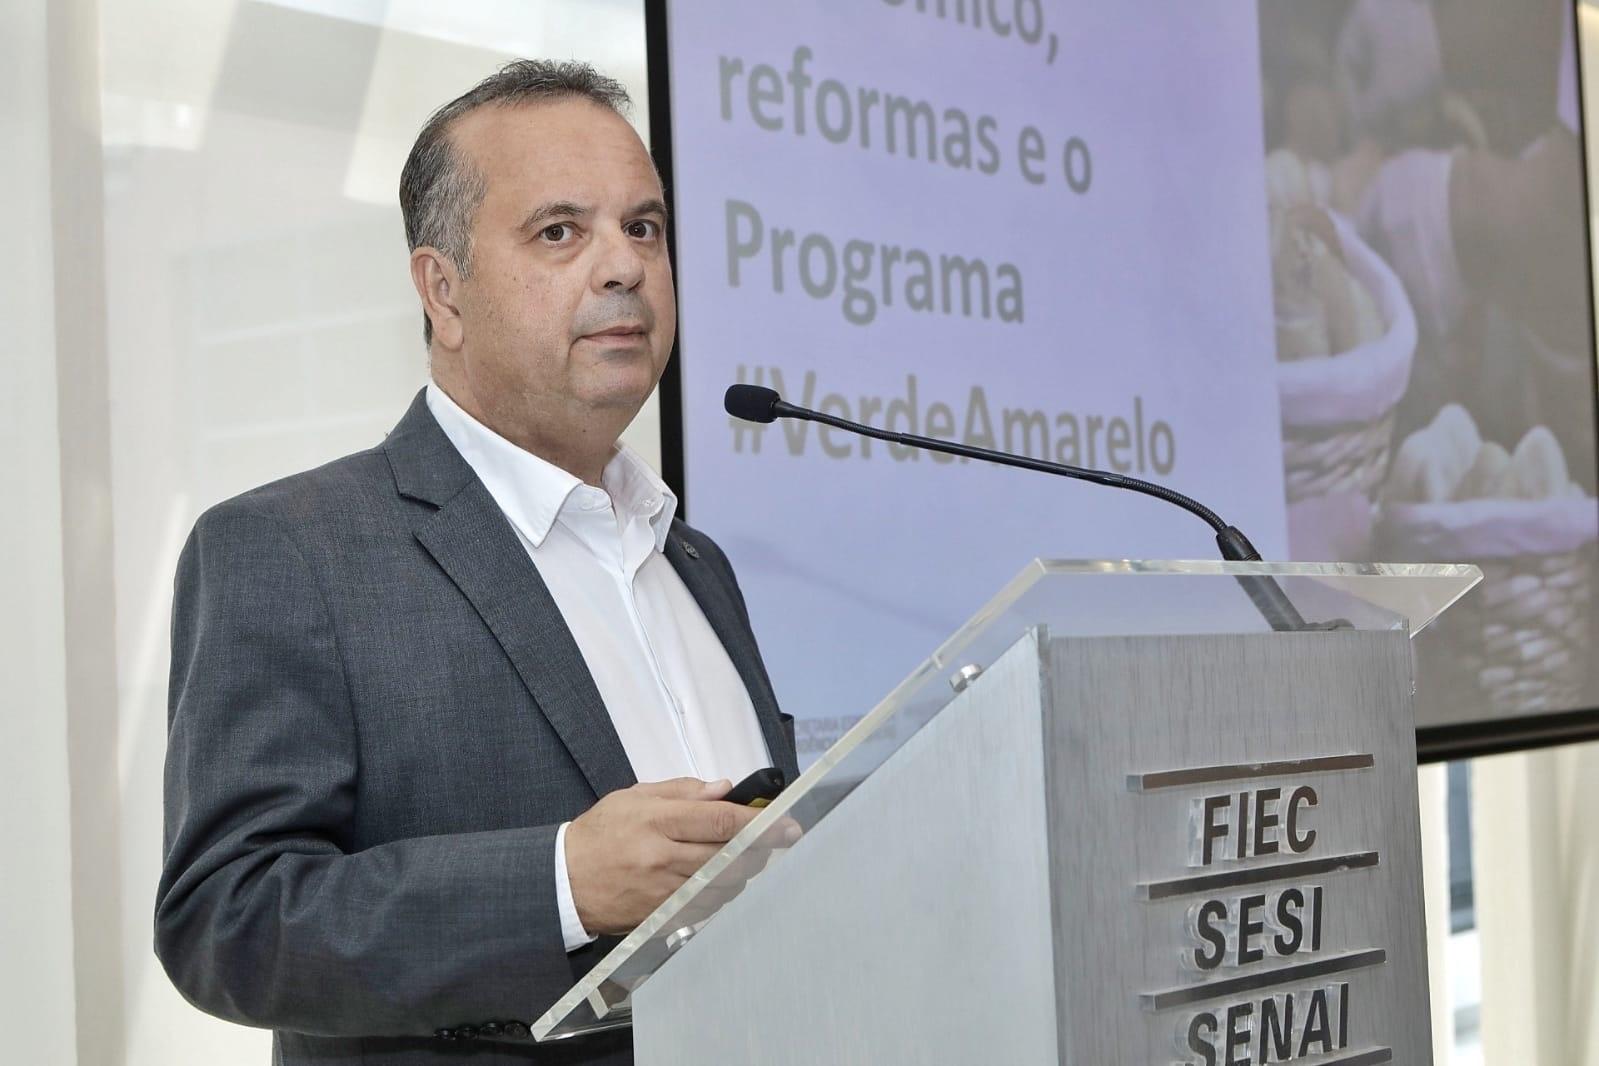 FIEC recebe Rogério Marinho para discutir economia do país e o Programa Verde Amarelo